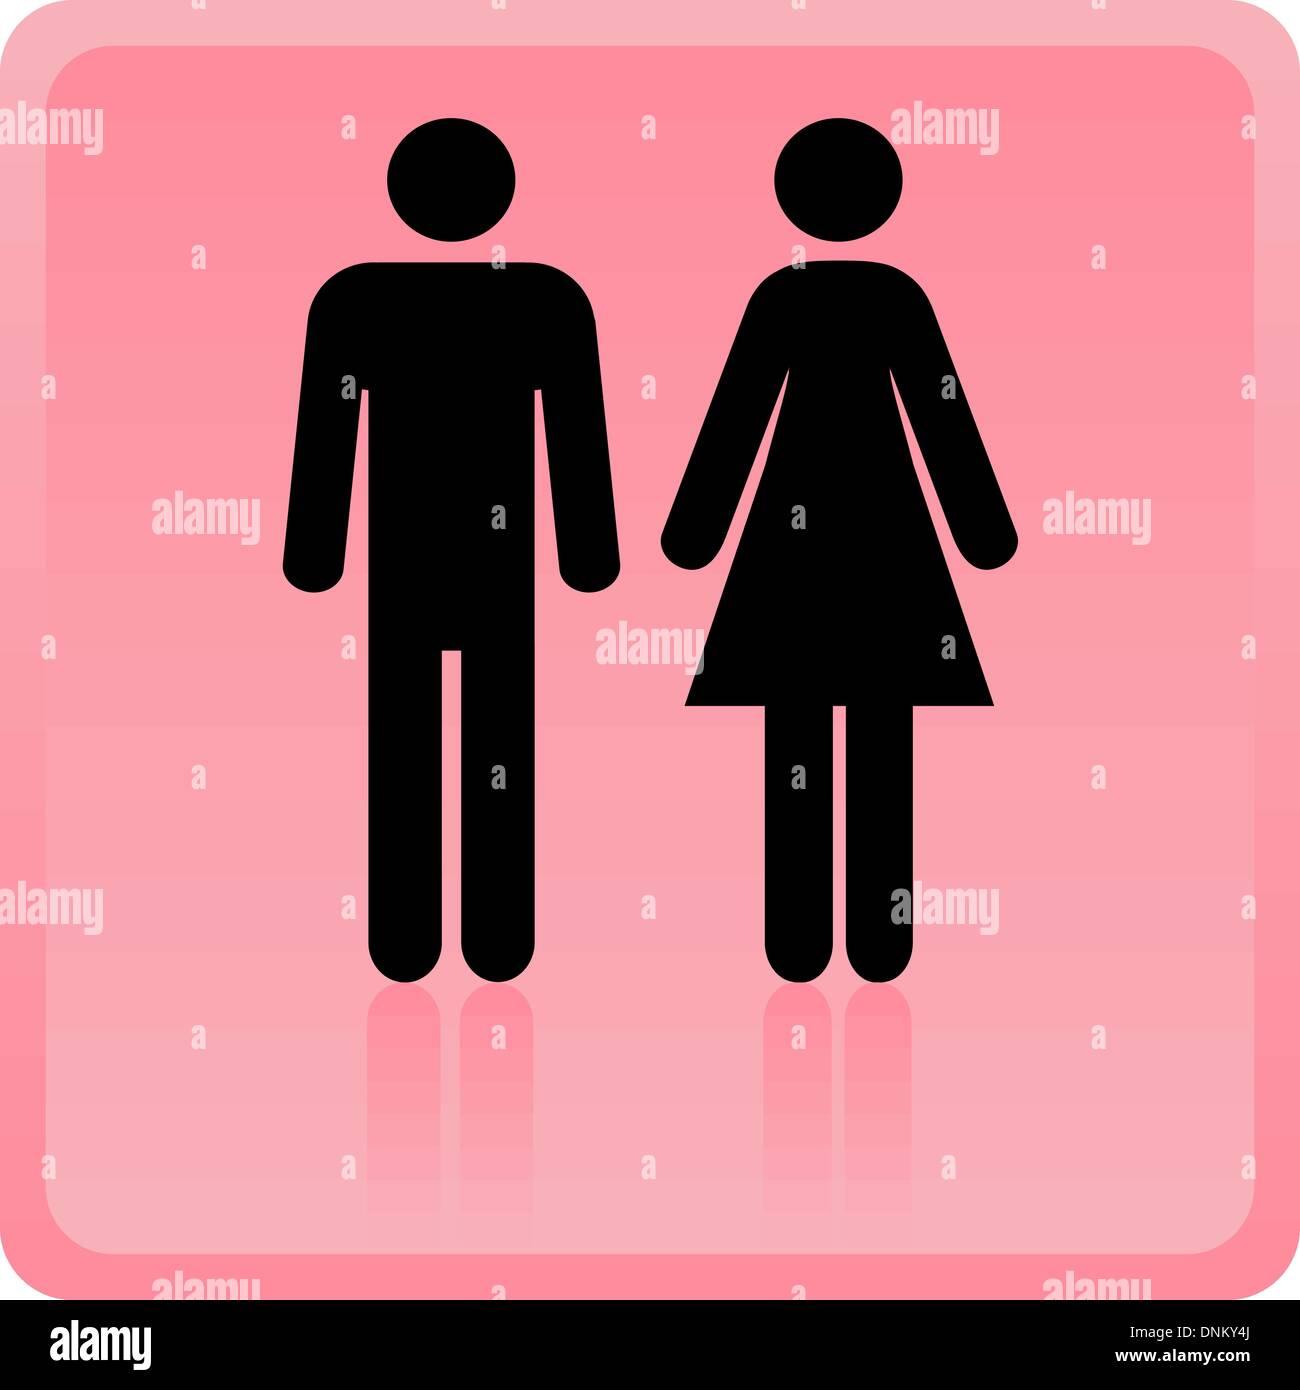 Vector uomo & donna icona su sfondo rosa Immagini Stock